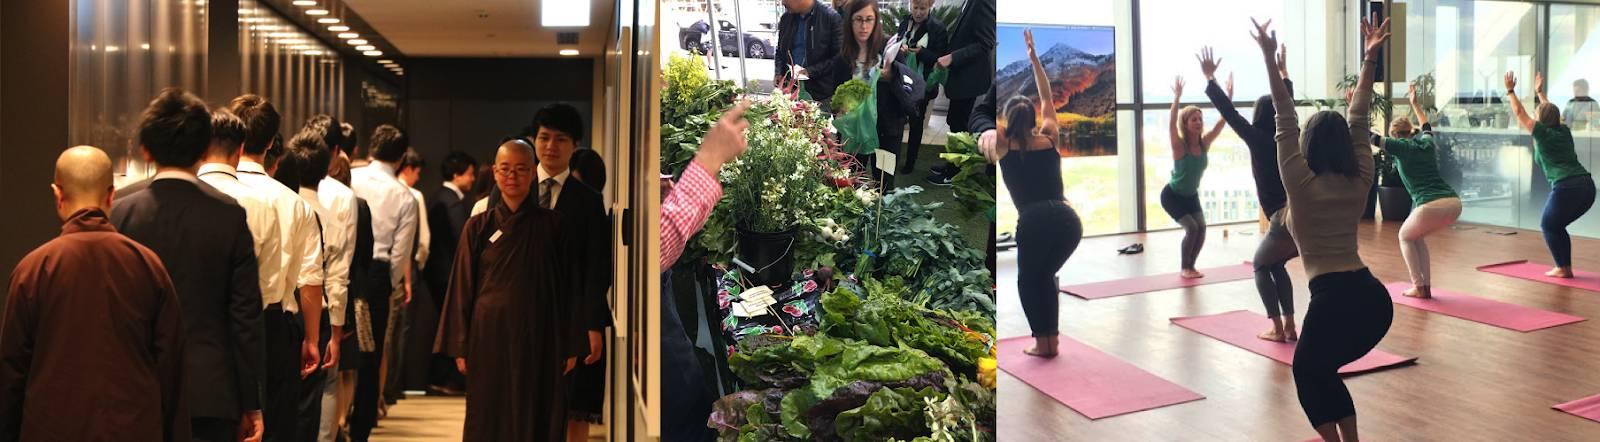 Verschiedene Fotos von Mitarbeitern bei Aktivitäten zur Förderung des Wohlbefindens, wie etwa eine Achtsamkeits-Session, ein Bauernmarkt und ein Fitness-Kurs